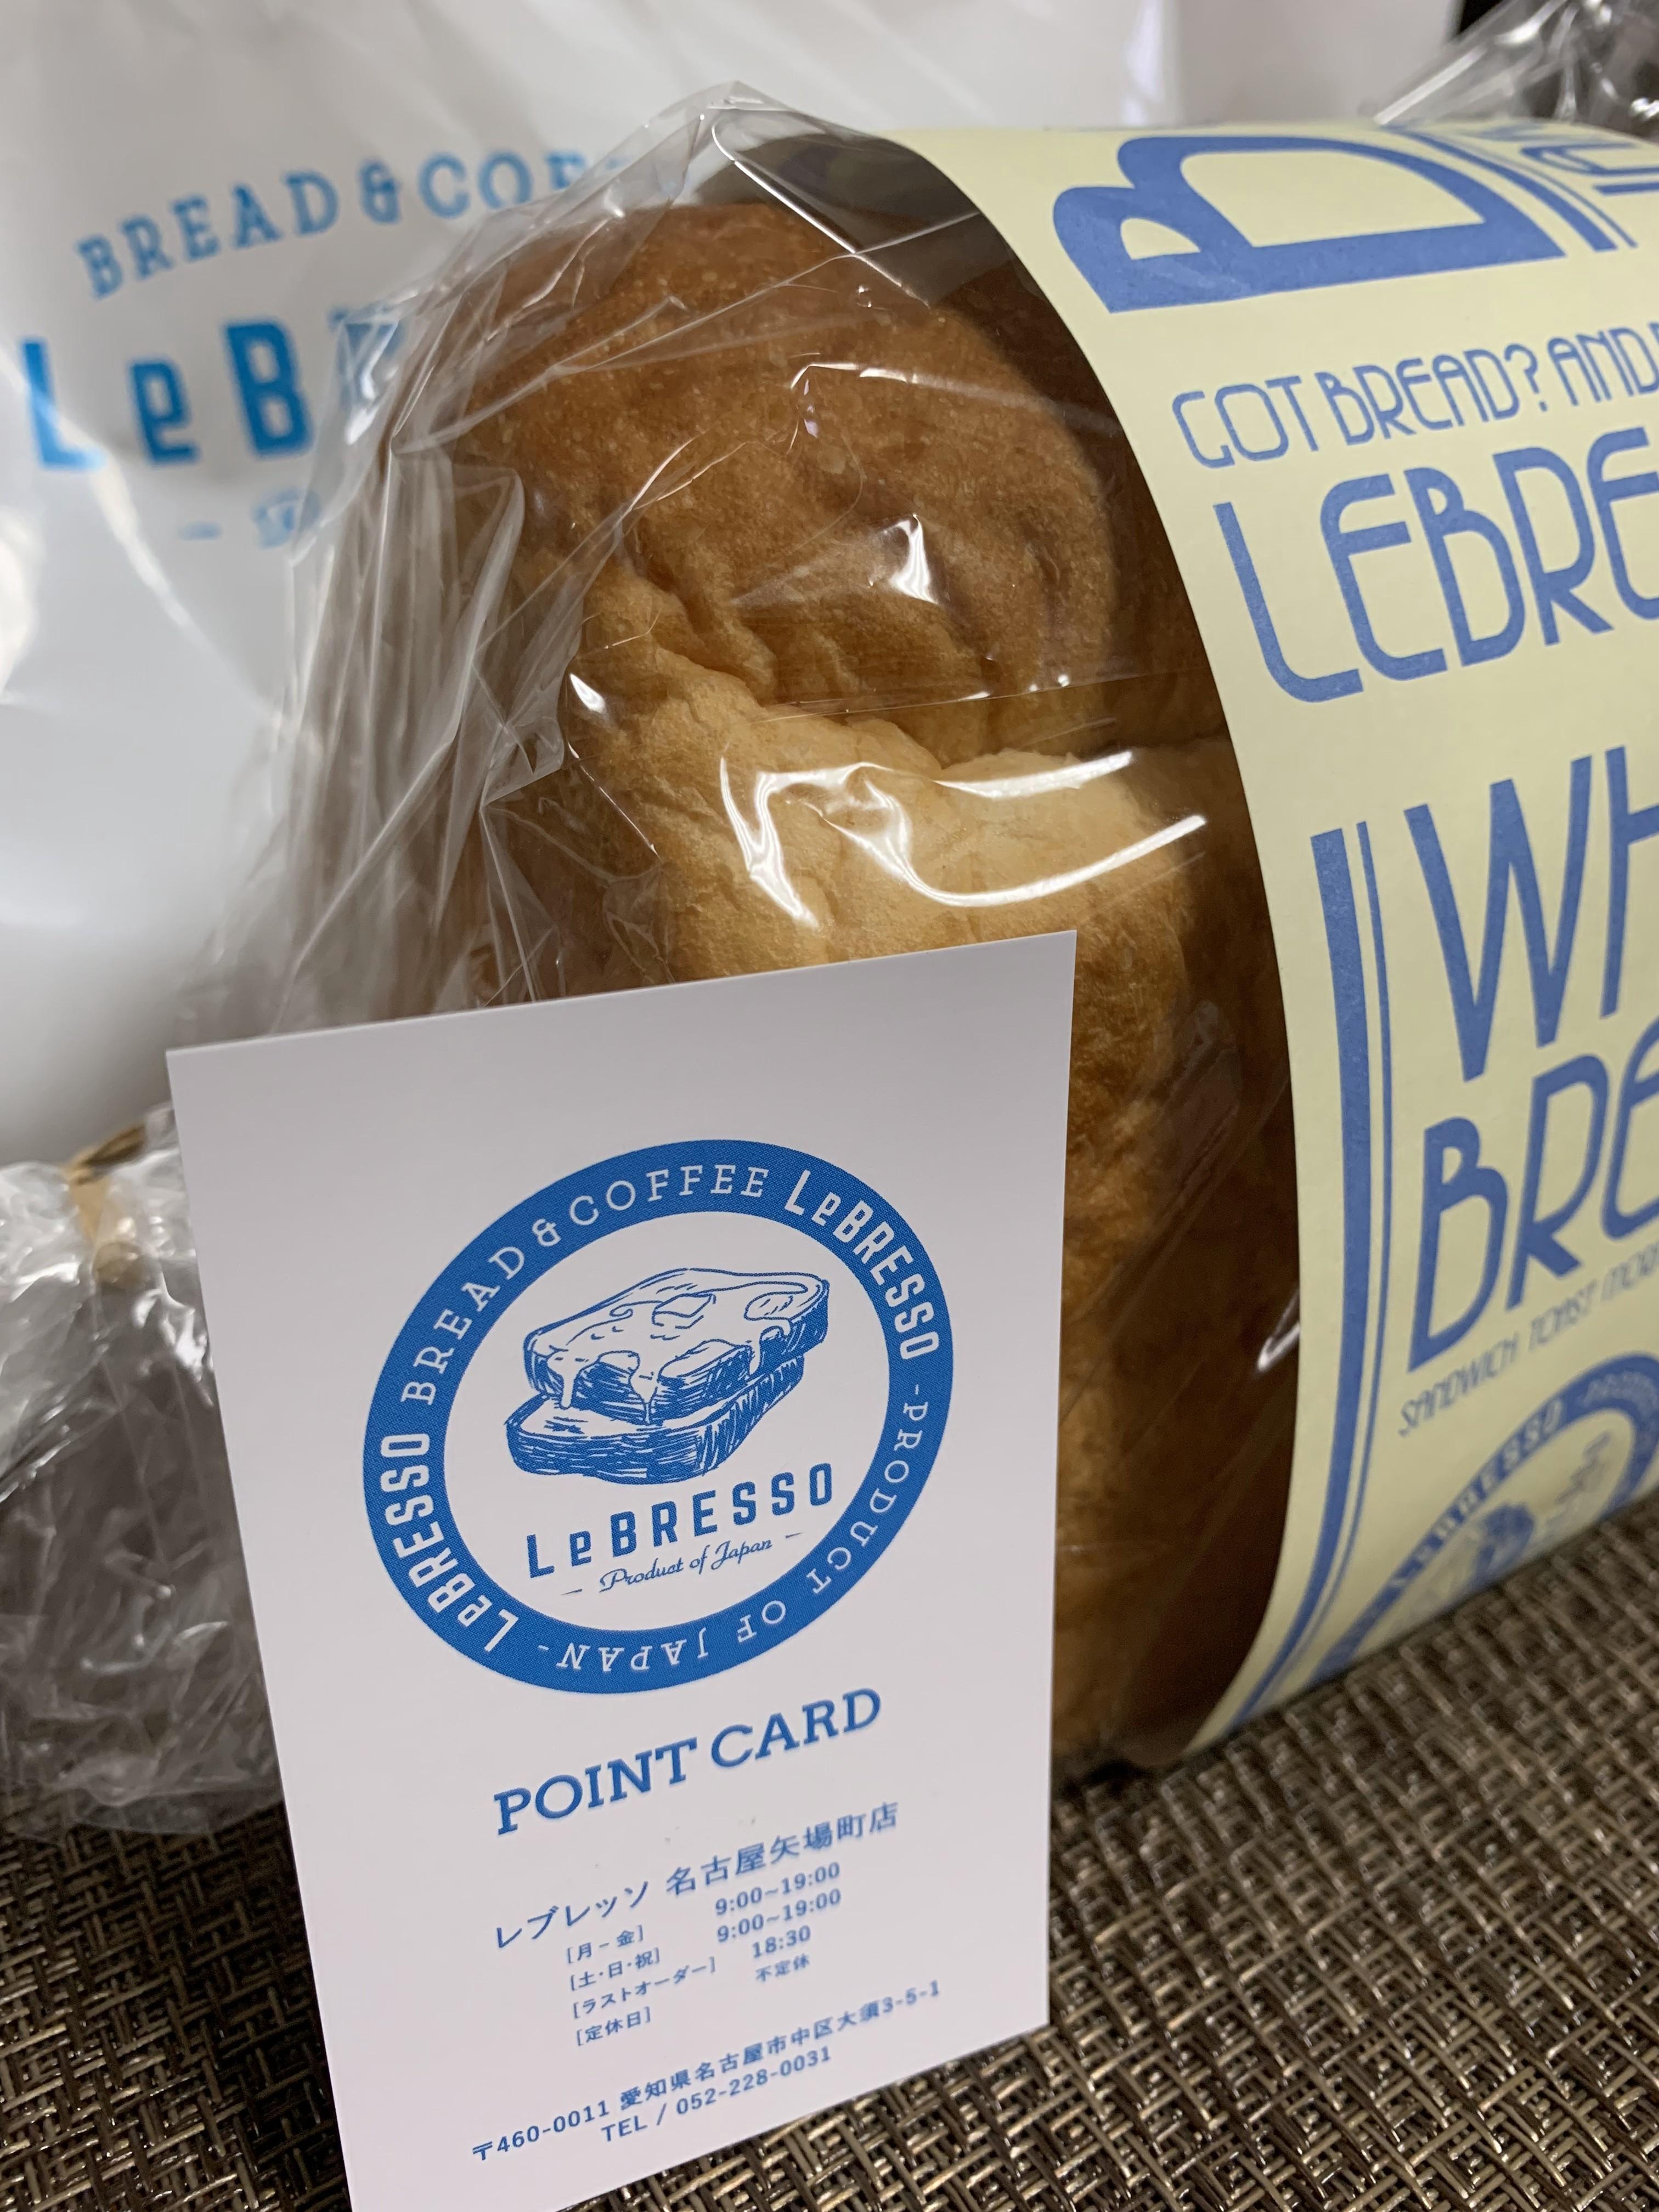 LeBRESSO(レブレッソ)の食パンの値段やメニューは?美味しかったかレビュー感想